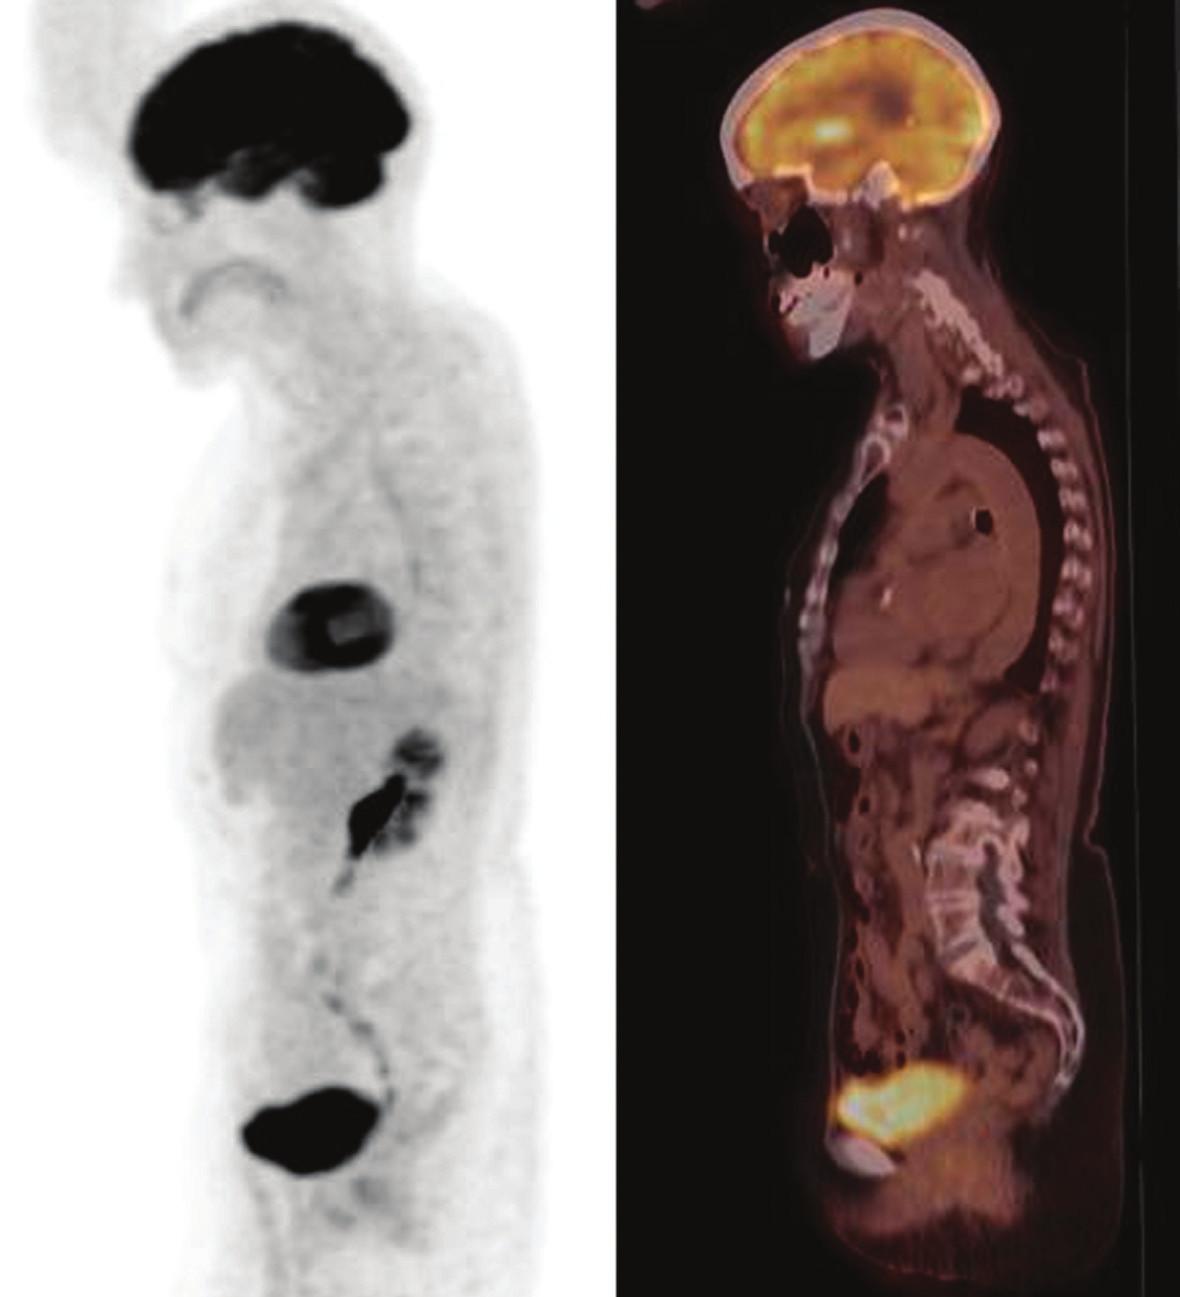 Obr. 2c. PET/CT s FDG, MIP, pohľad zľava. Kompletná metabolická remisia pretrvávajúca 20 mesiacov po ukončení liečby imatinib mesylátom.